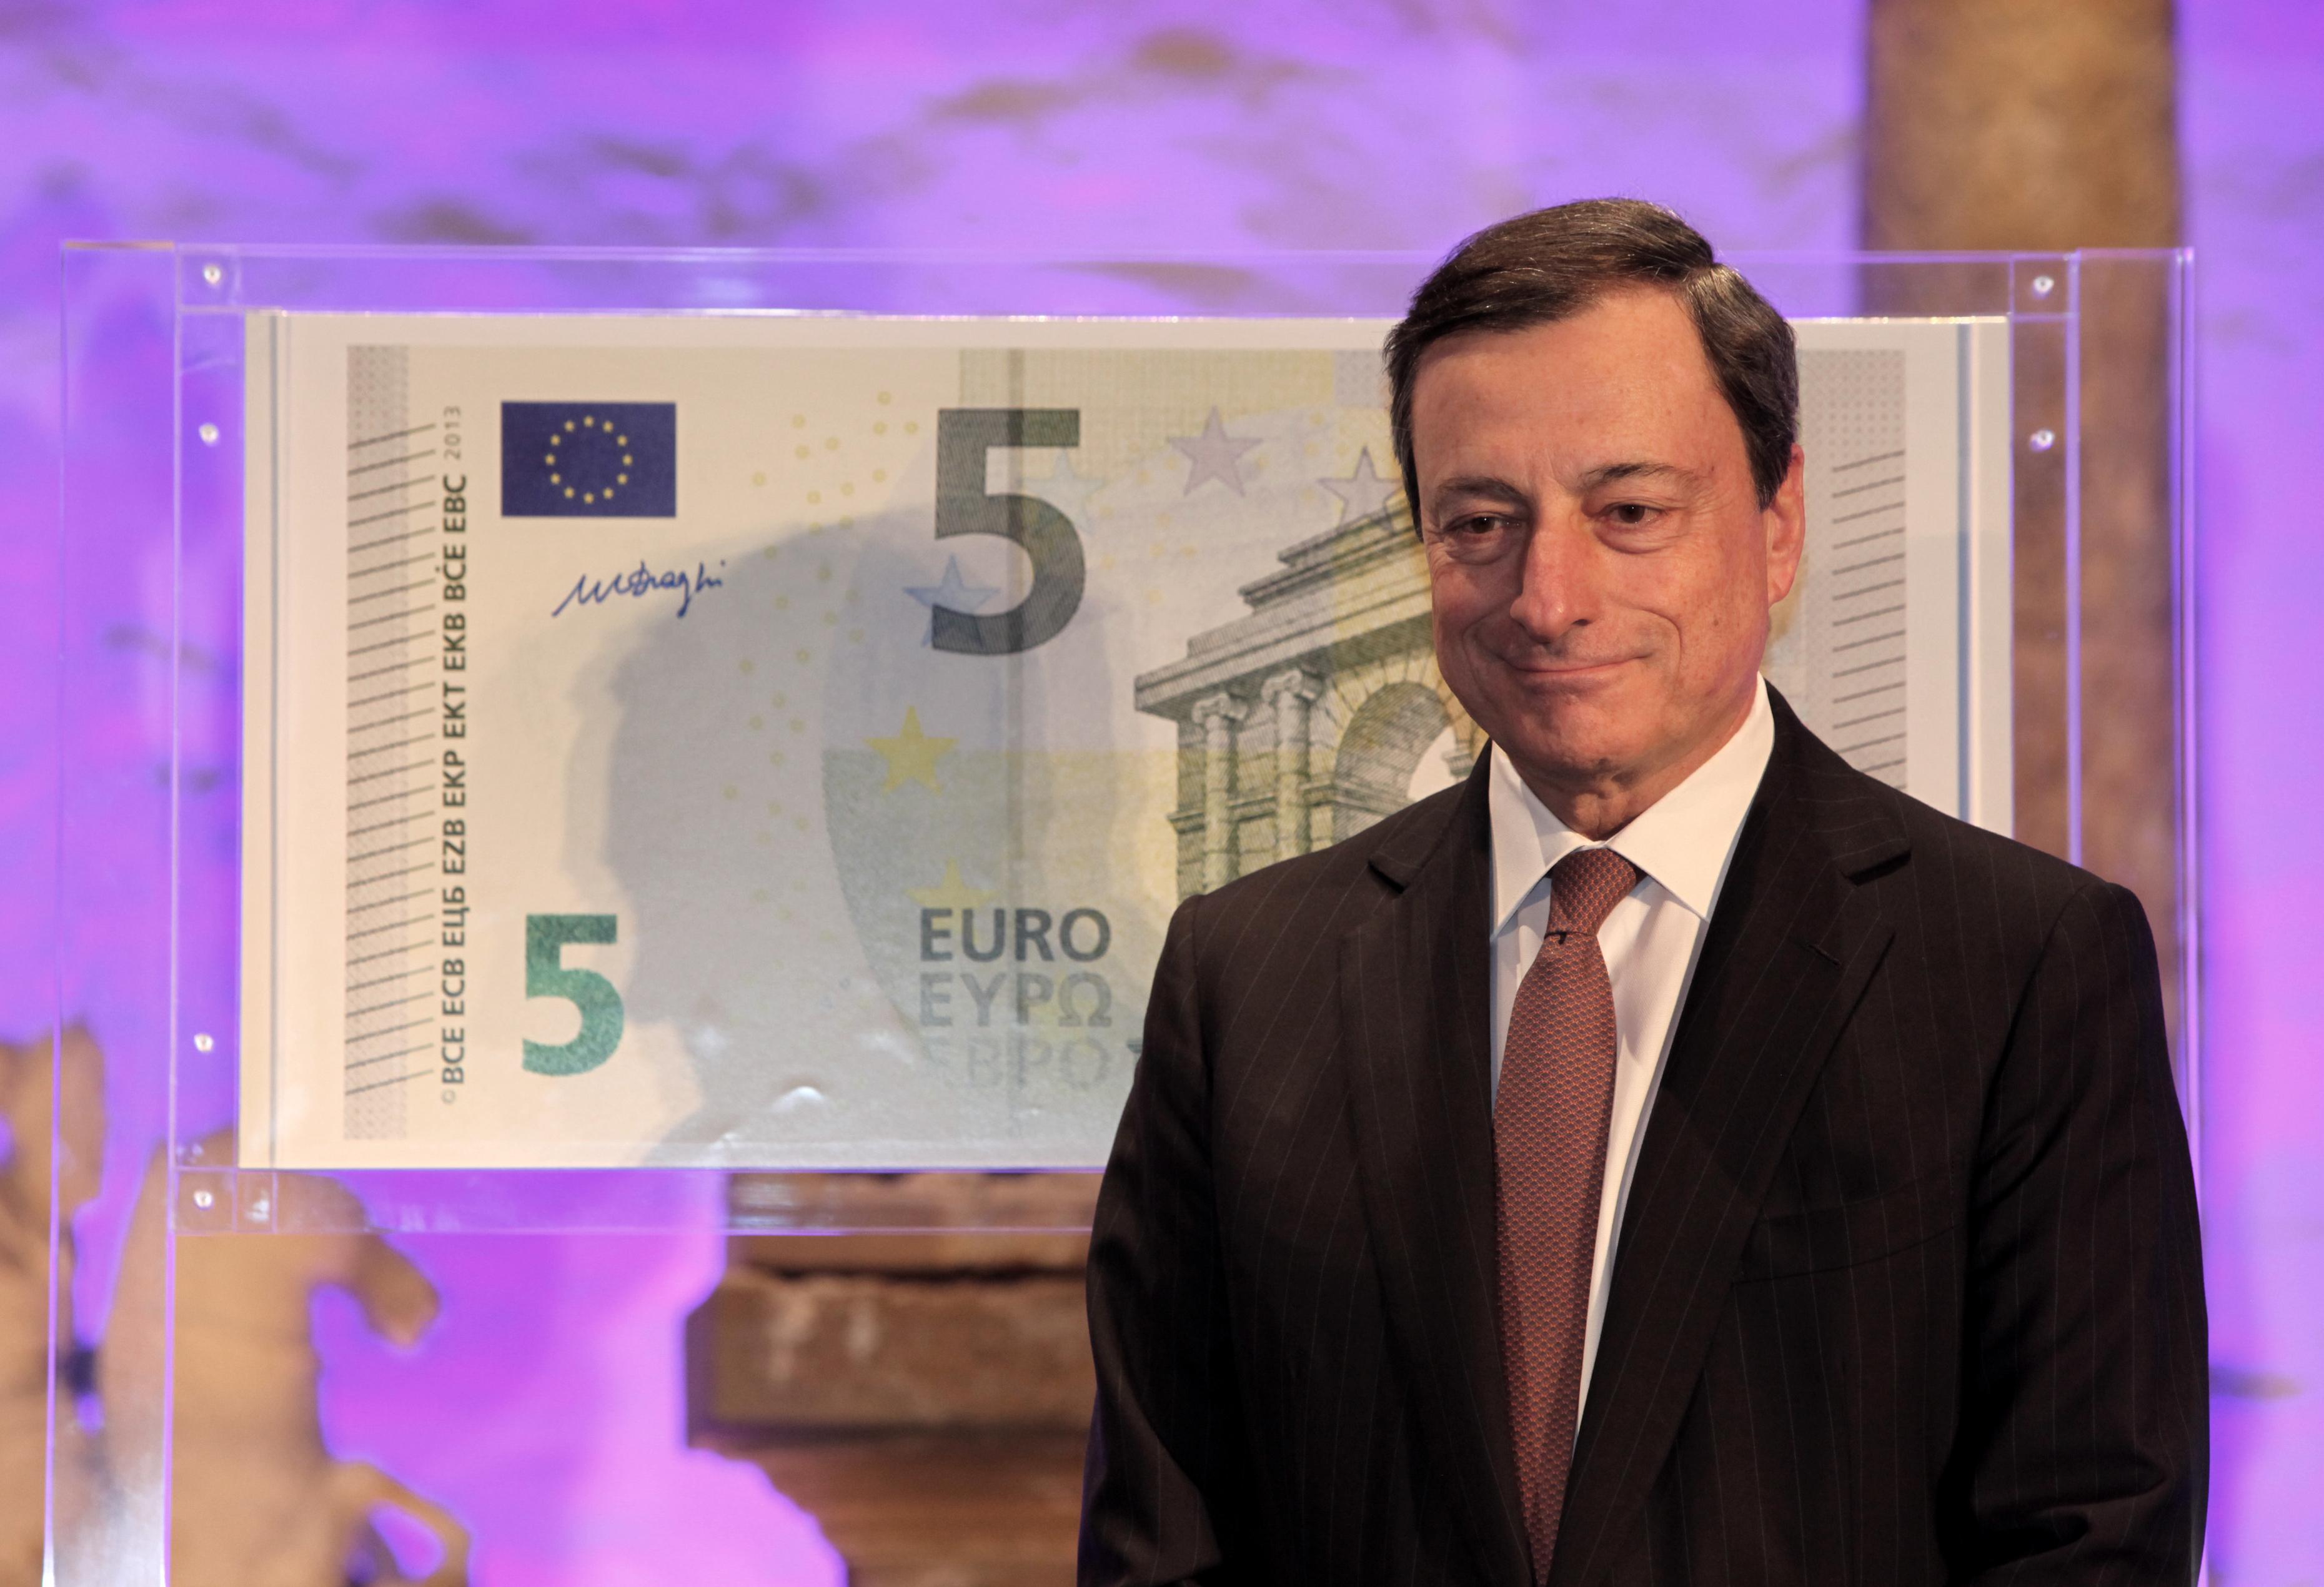 La presentazione della nuova serie di eurobanconote - Banca centrale europea